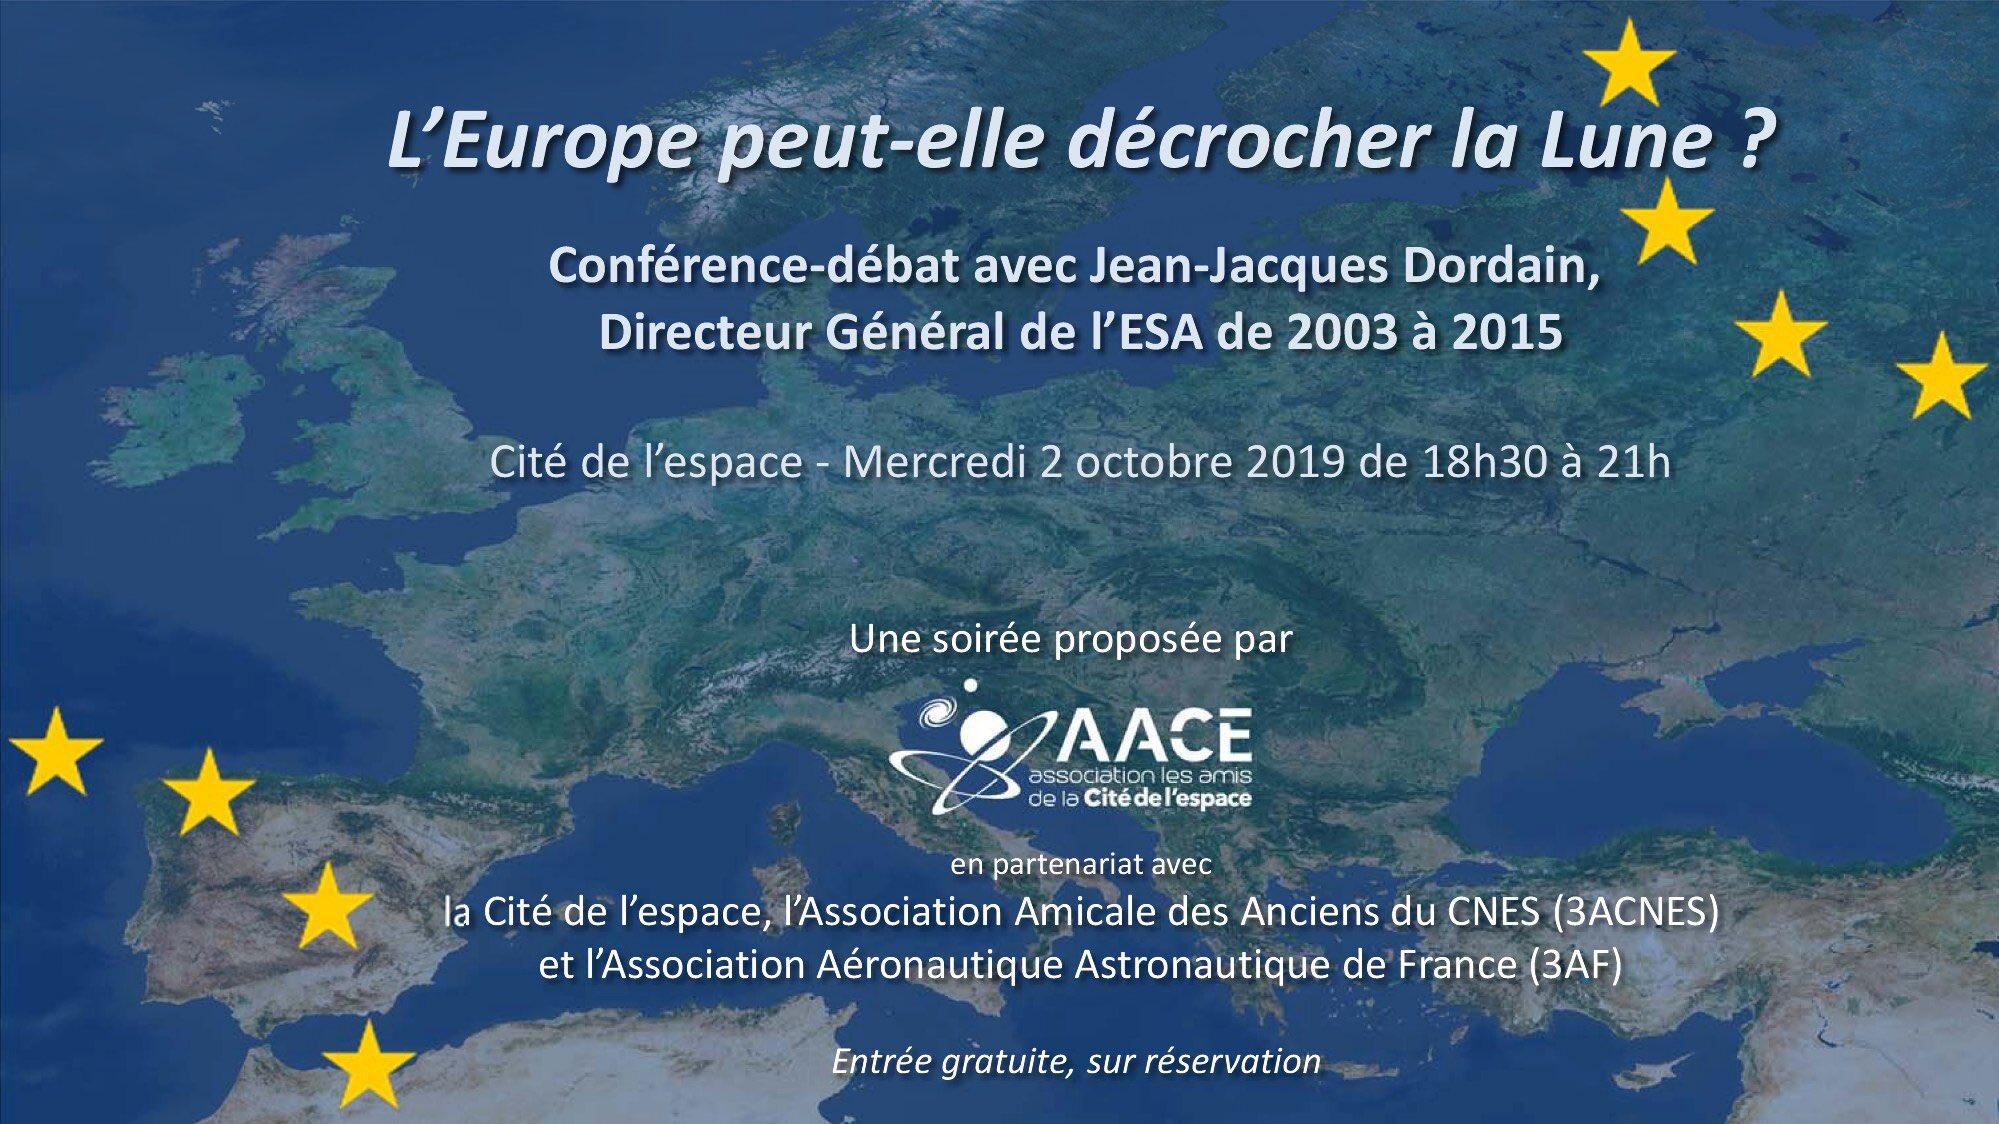 Conférence - L'Europe peut-elle décrocher la Lune ? EEAld0FXoAAV_Mo?format=jpg&name=large